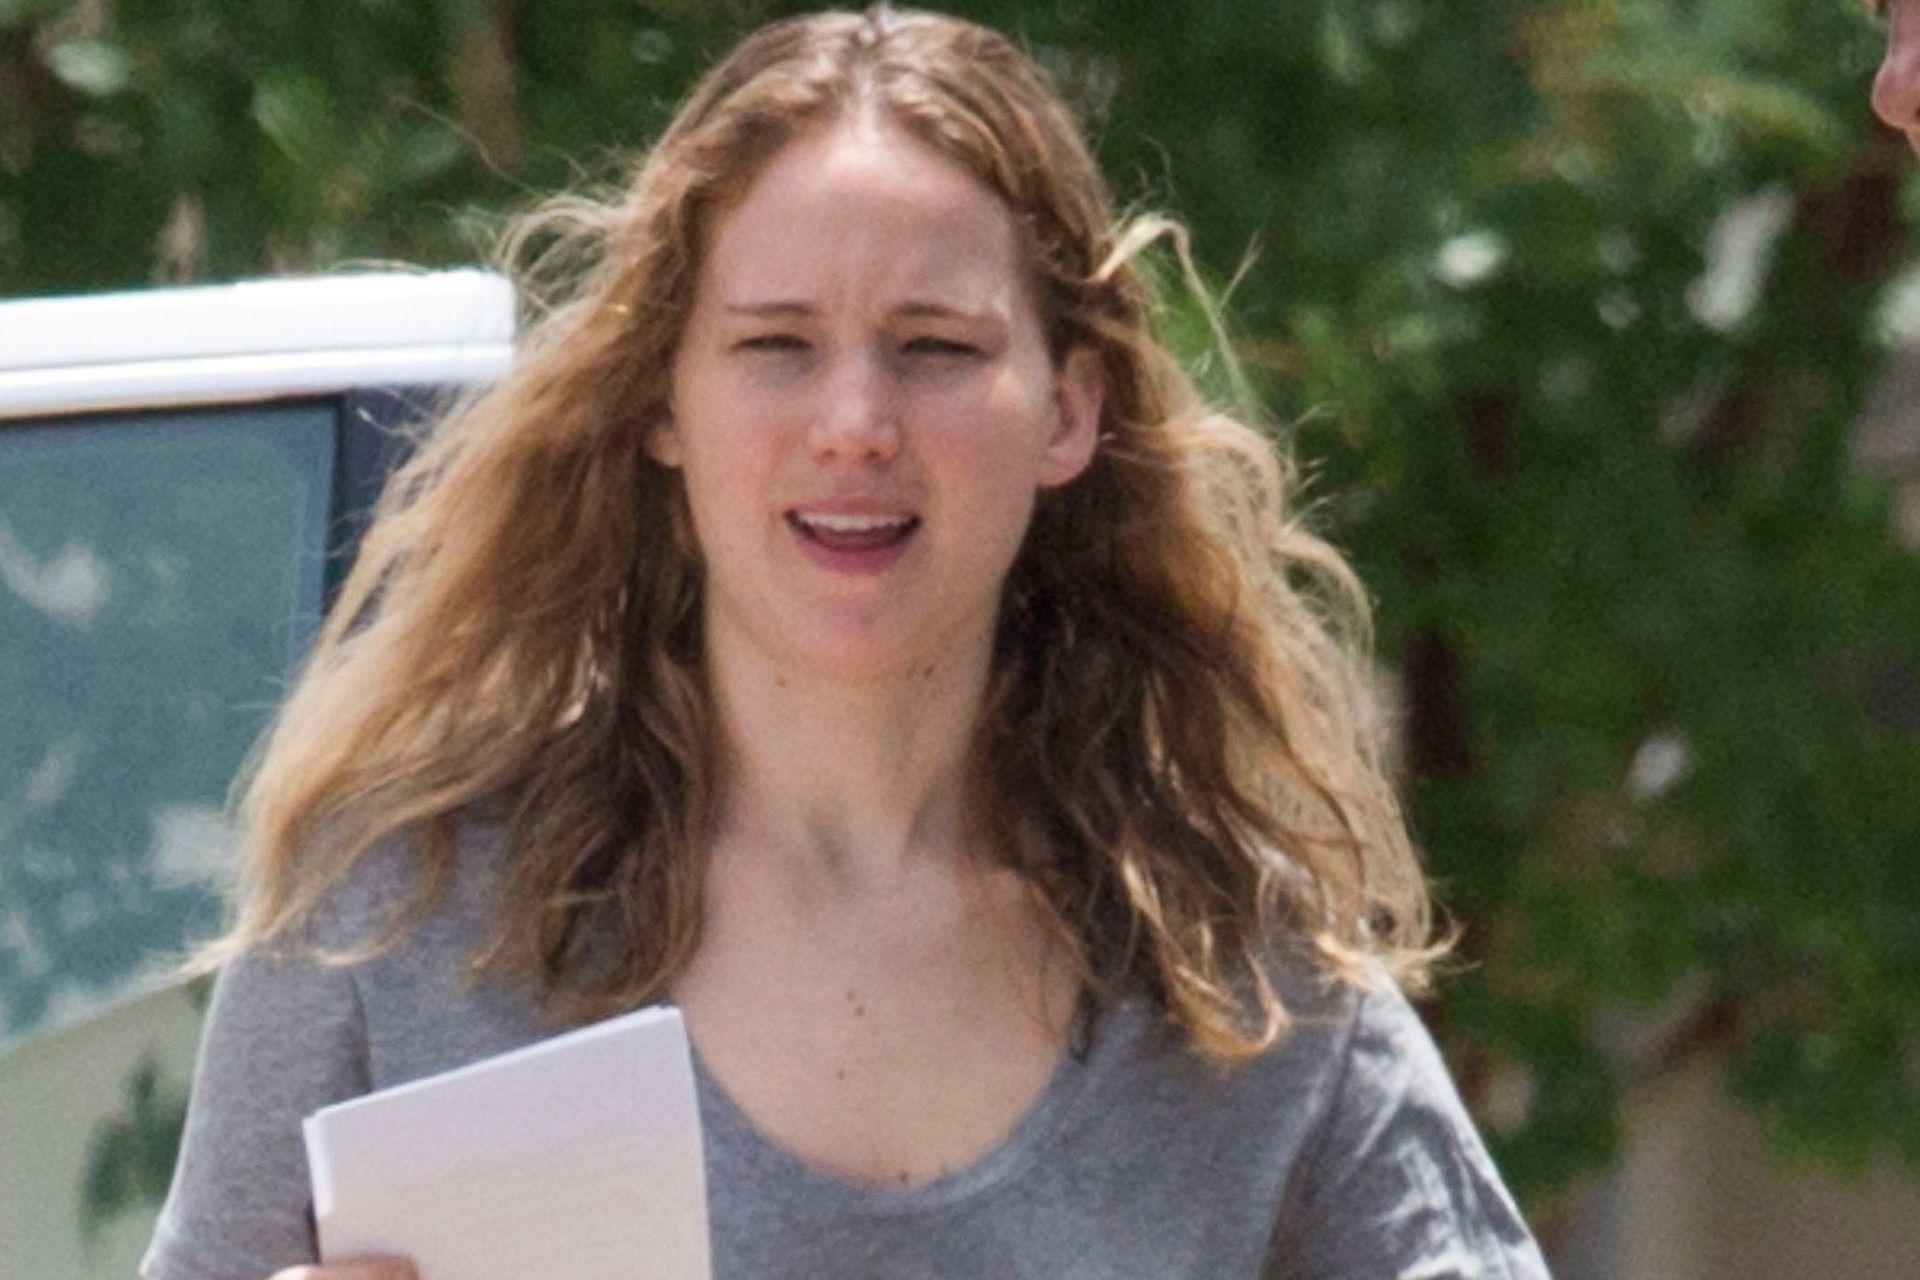 Lejos del glamour hollywoodense, Jennifer Lawrence no duda en mostrarse como una mujer cualquiera durante sus salidas diurnas; por estos días, la actriz se prepara para filmar bajo las órdenes de la debutante directora Lila Neugebauer